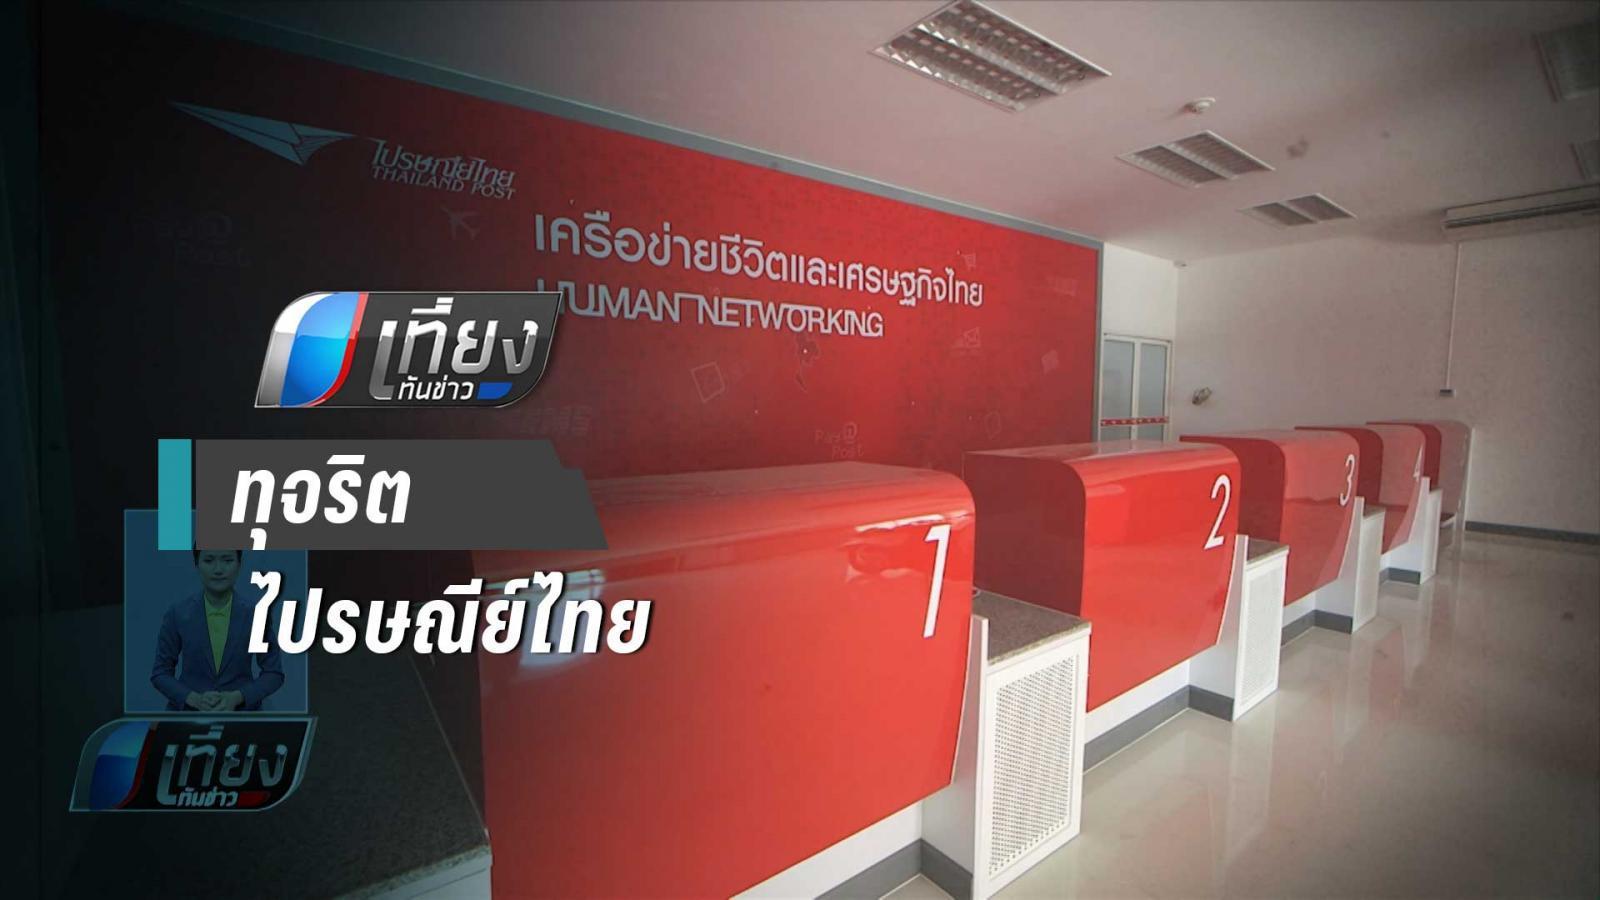 เปิดพิรุธ ทุจริตไปรษณีย์ไทย